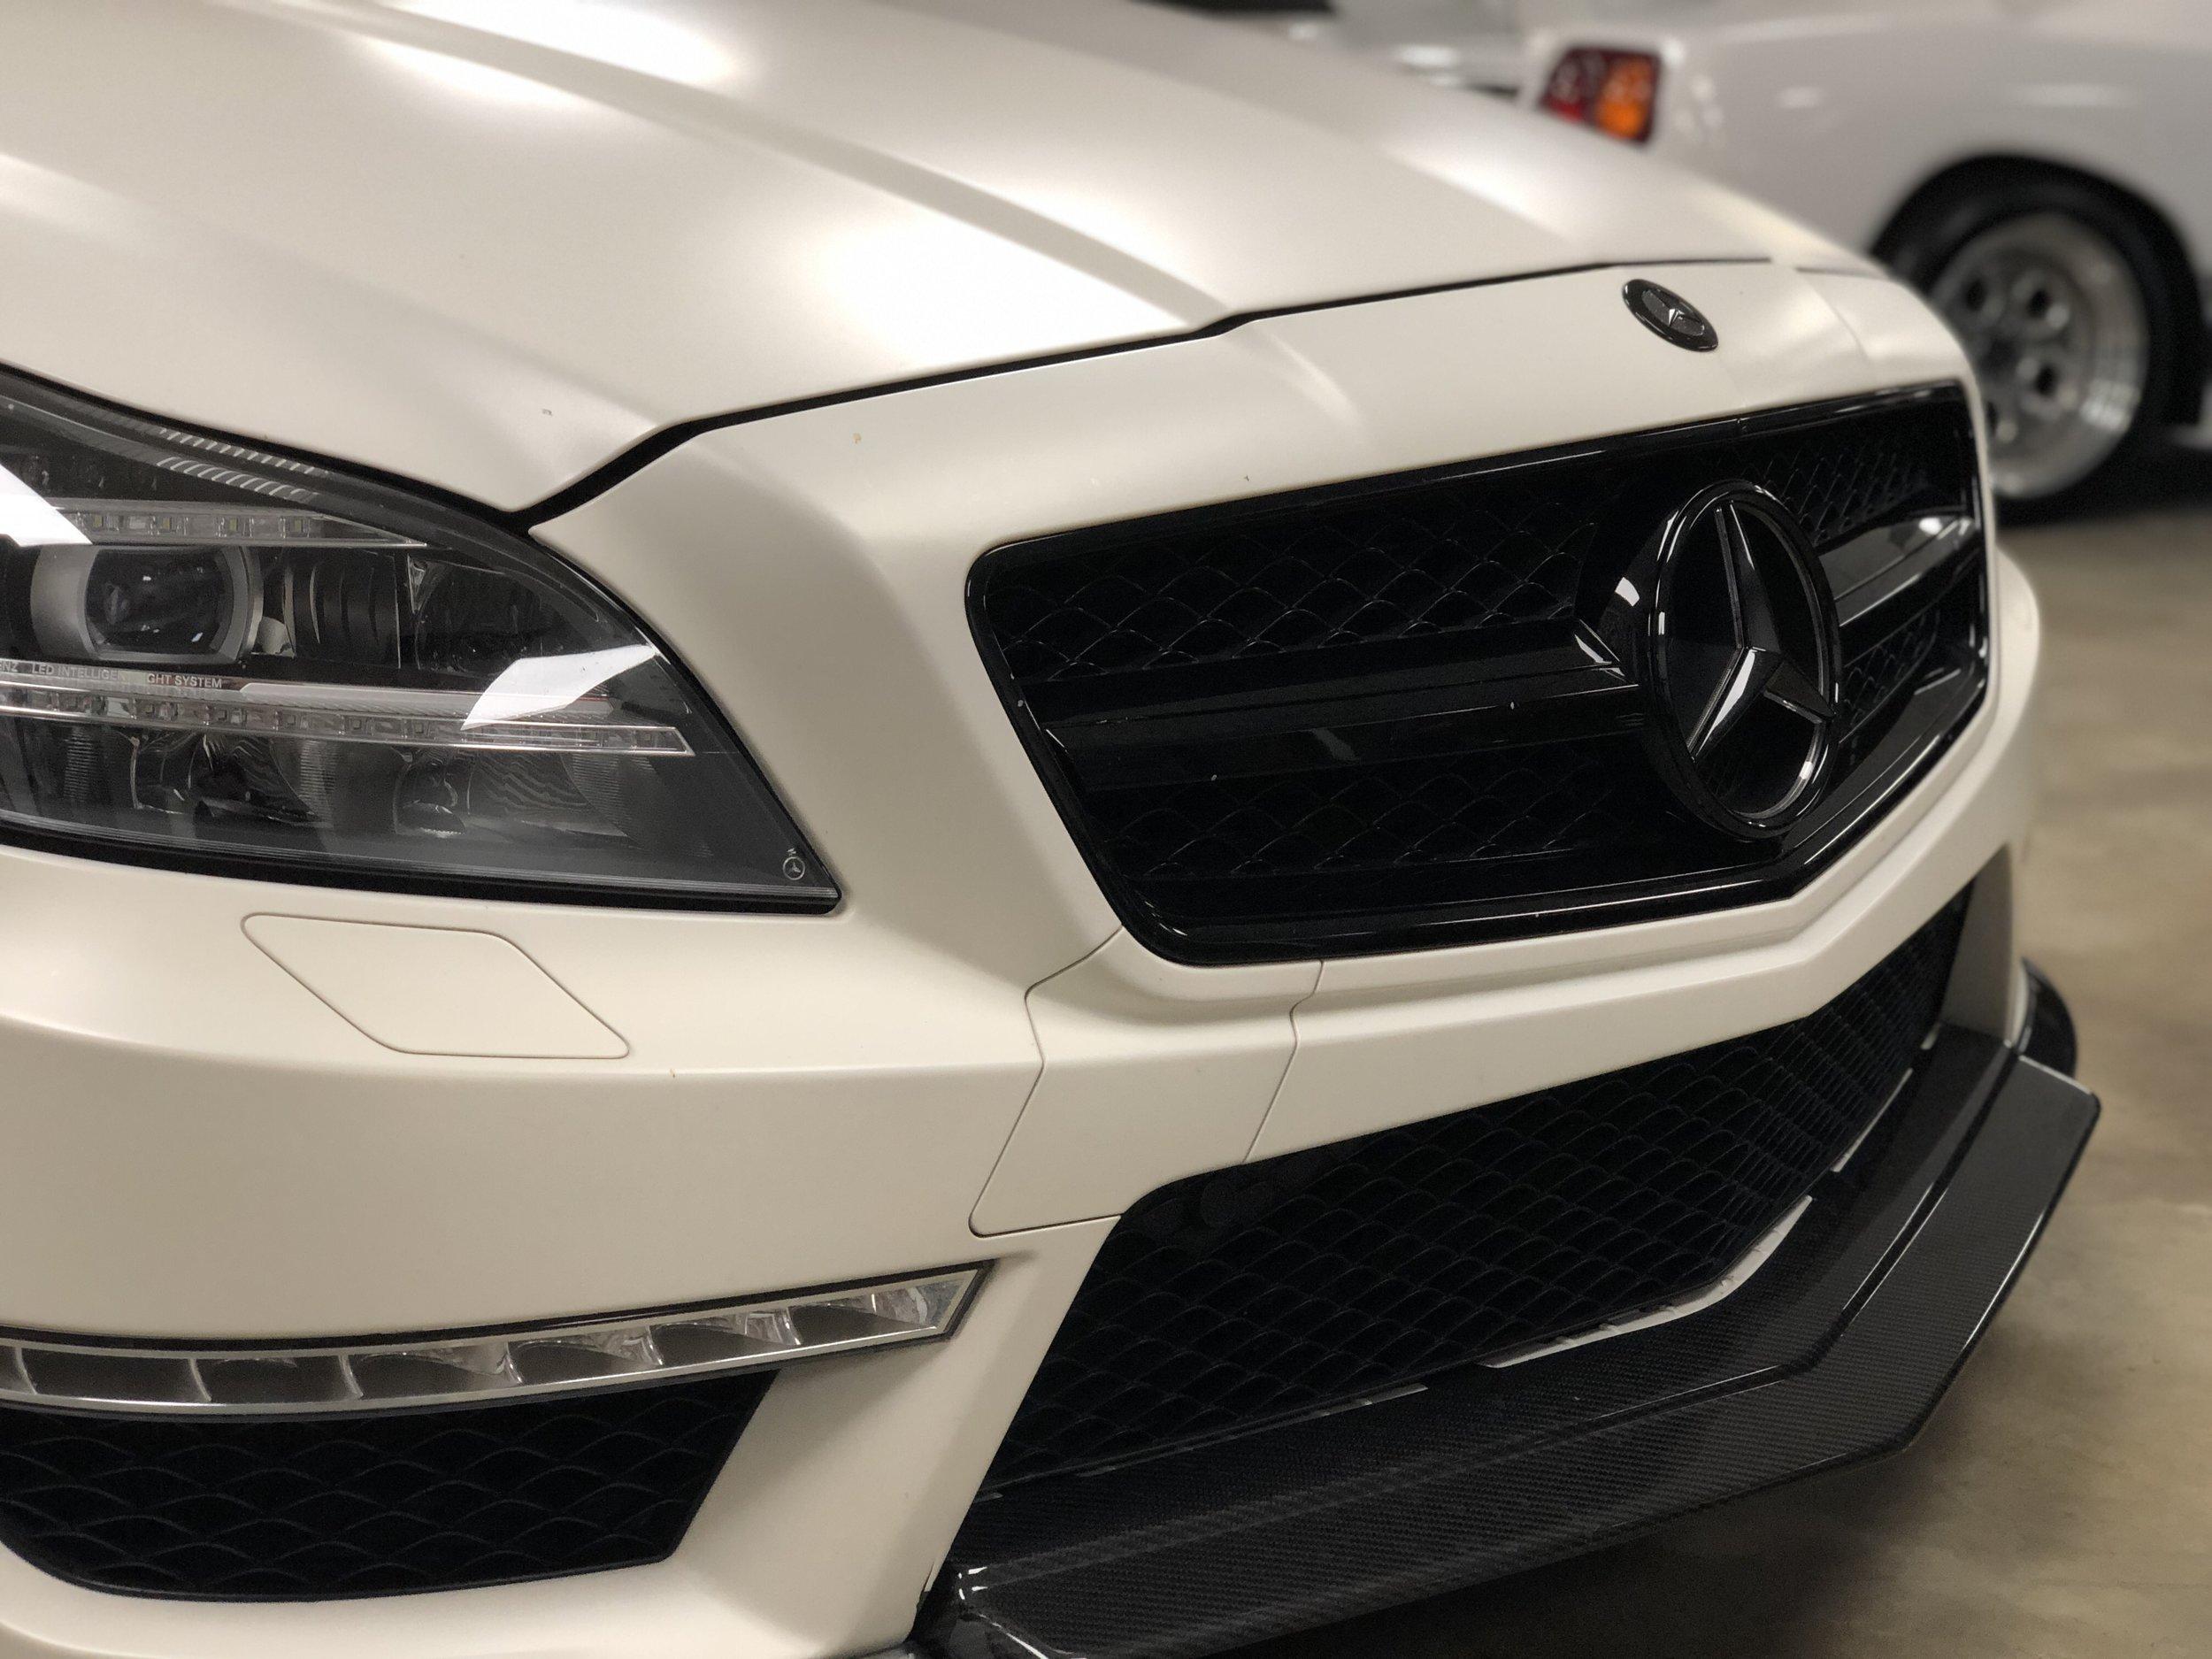 2012 Mercedes-Benz CLS 63 RENNTECH Front